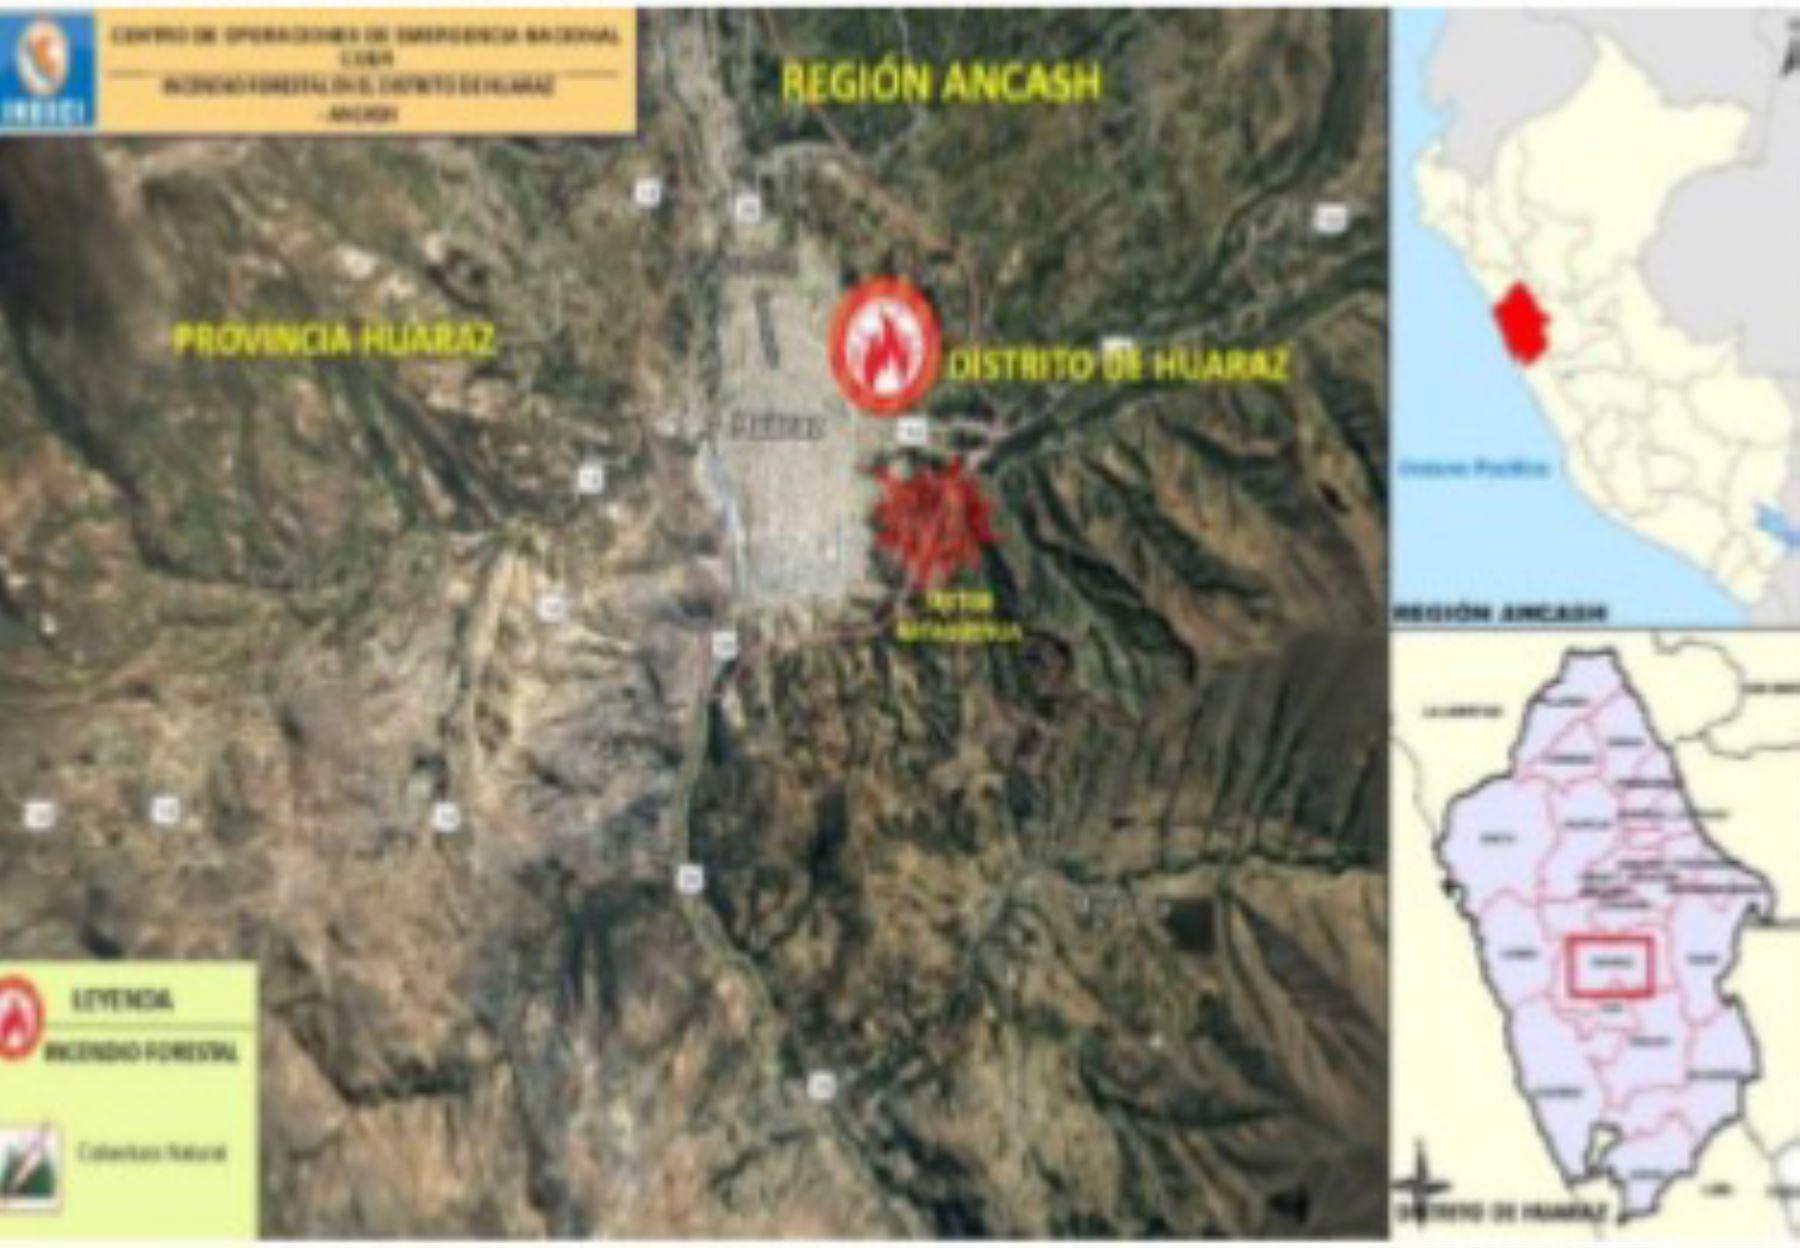 Incendio forestal registrado en el sector Rataquenua, provincia de huaraz, región Áncash, fue sofocado por bomberos y miembros de serenazgo.